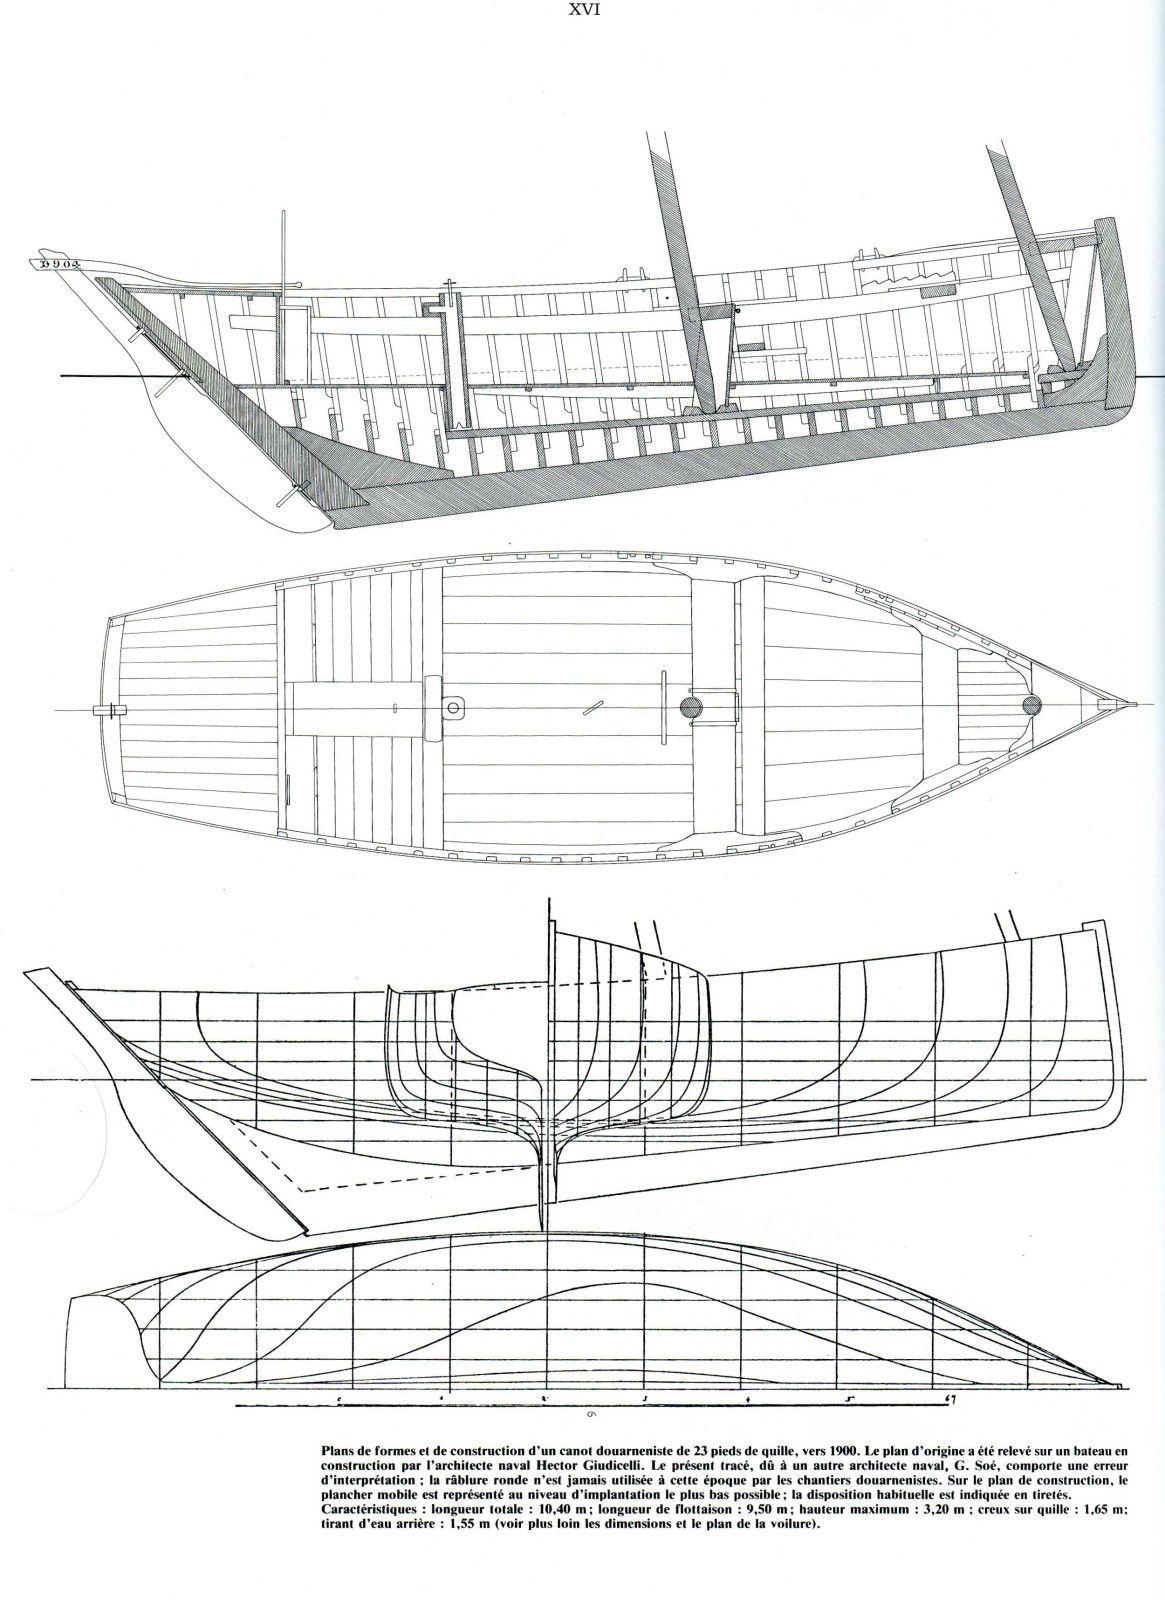 Maquette Bateau Plan Modelisme Model Boats Construction Nautique Boatbuilding Artisanat Cra Construction Nautique Maquette Bateau Bois Plans De Bateau